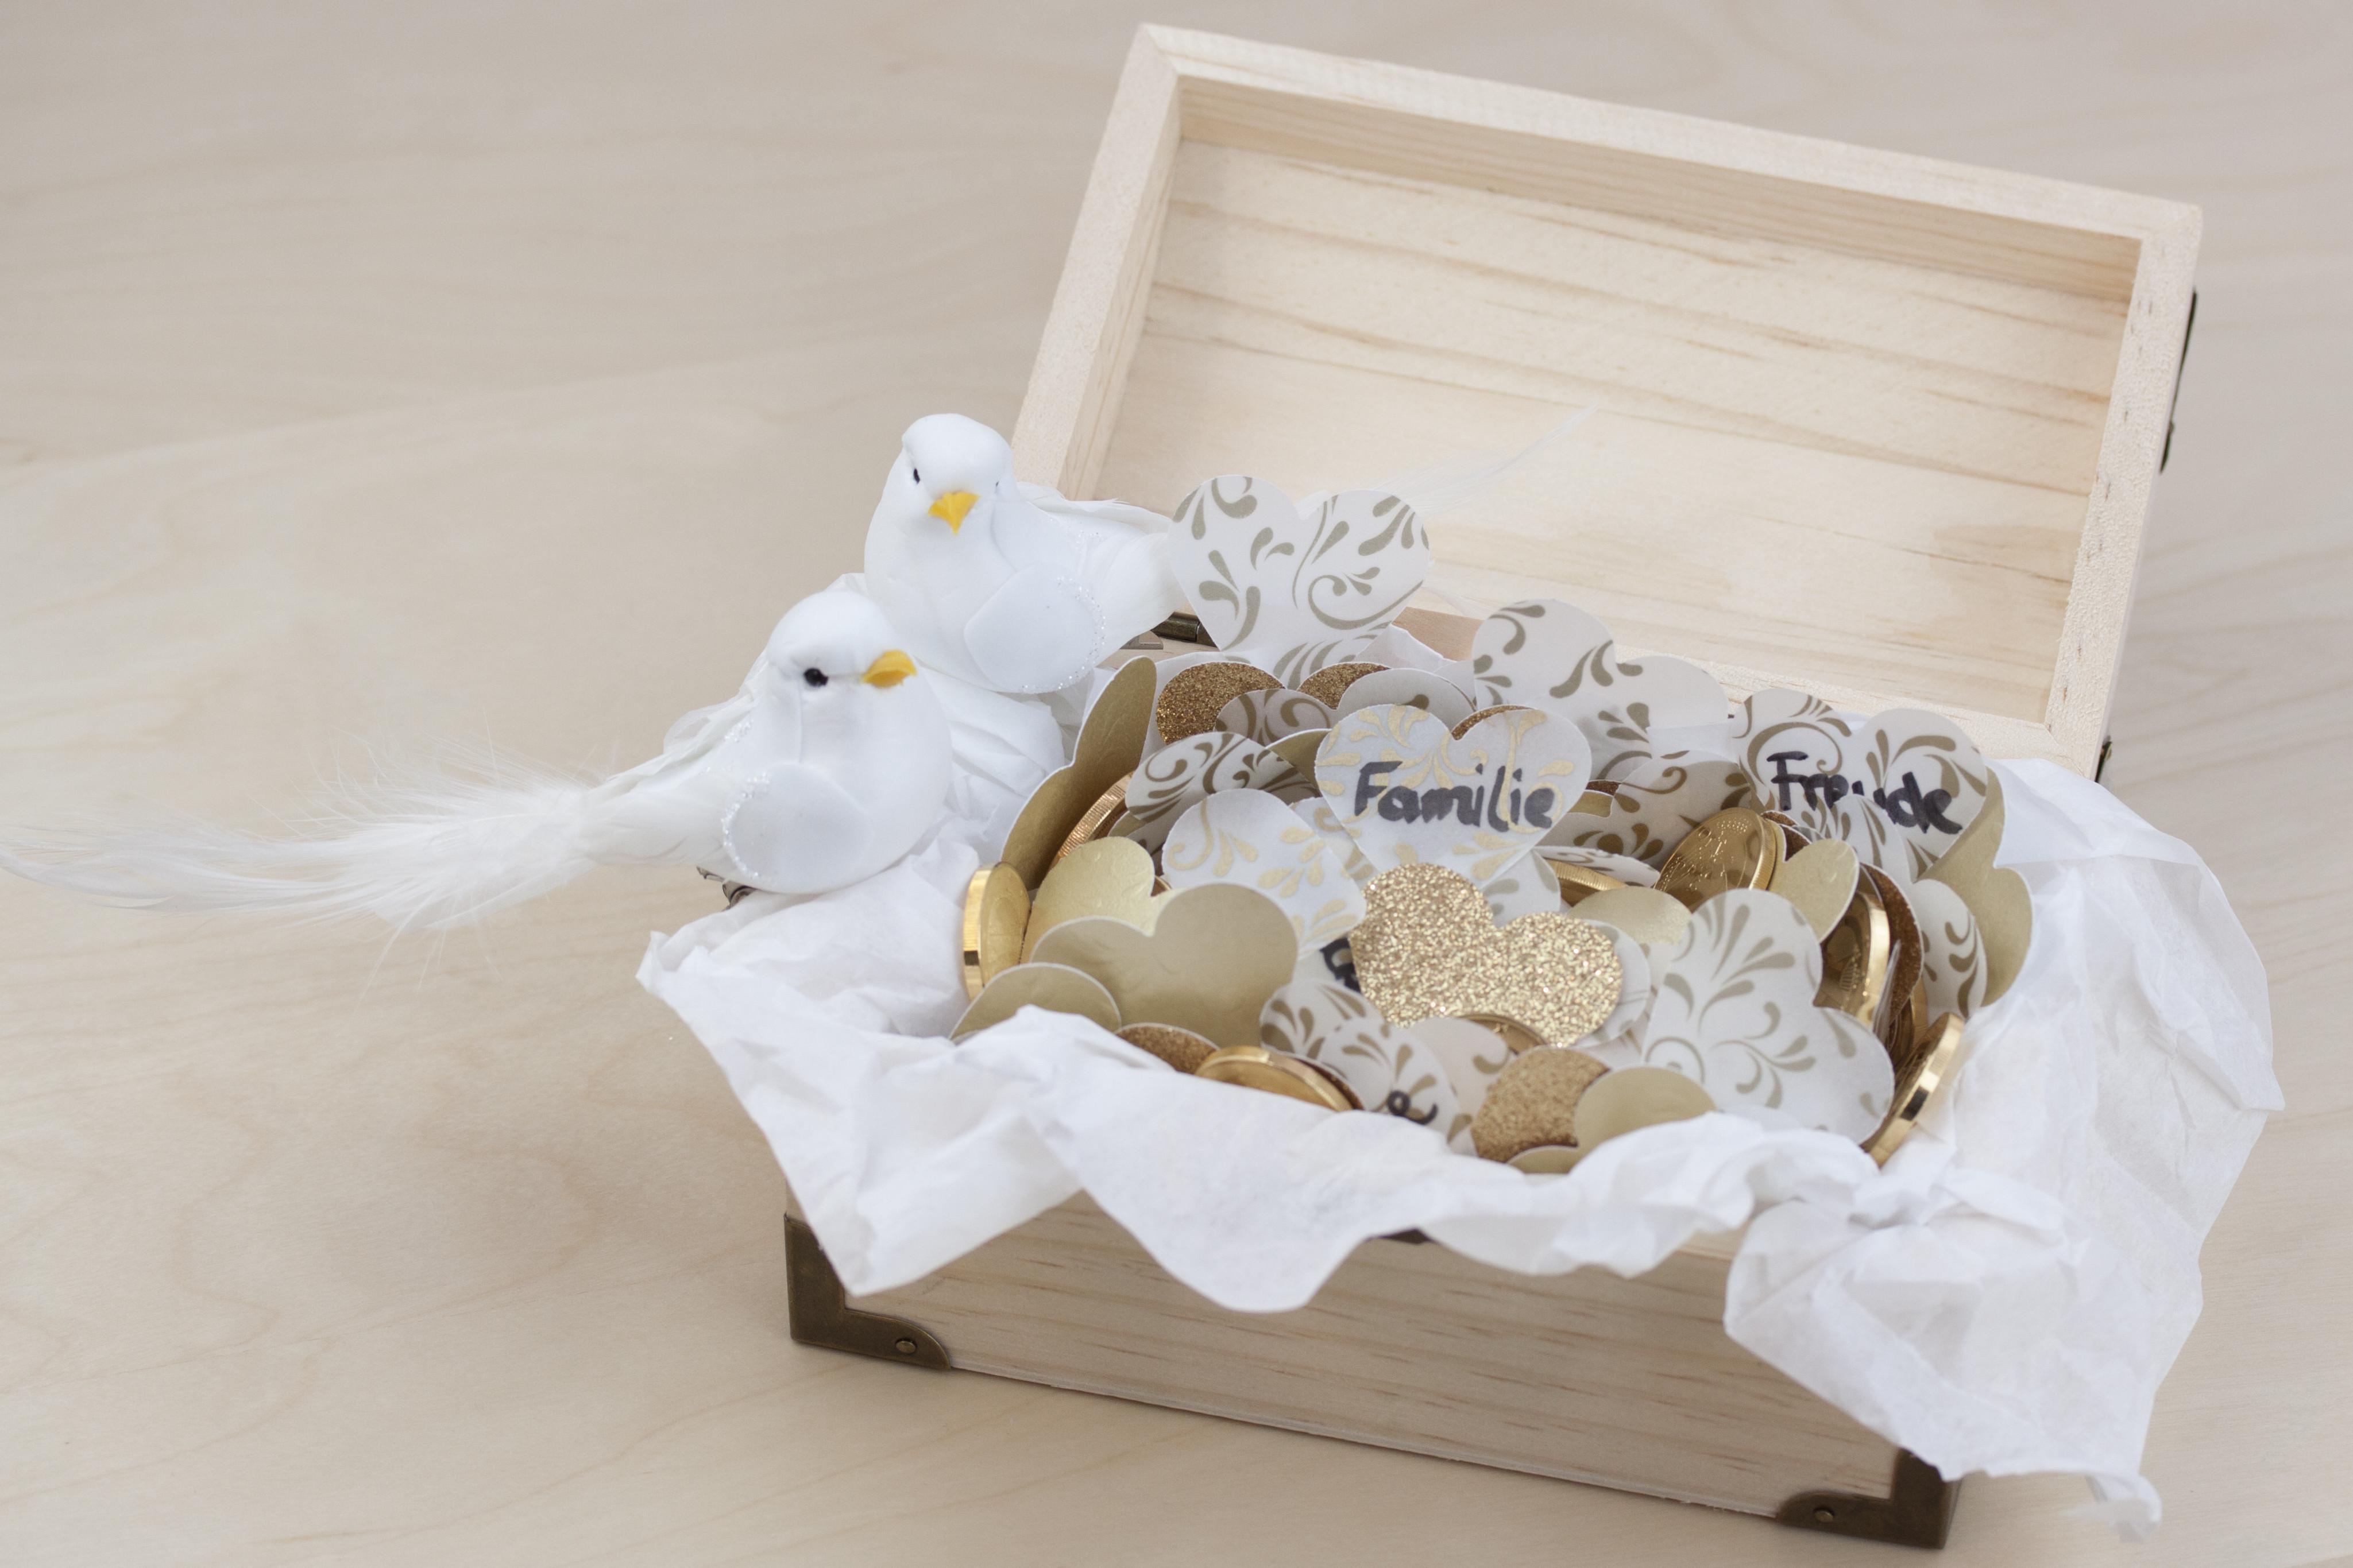 Basteln Für Hochzeit  Schatzkiste zur Hochzeit